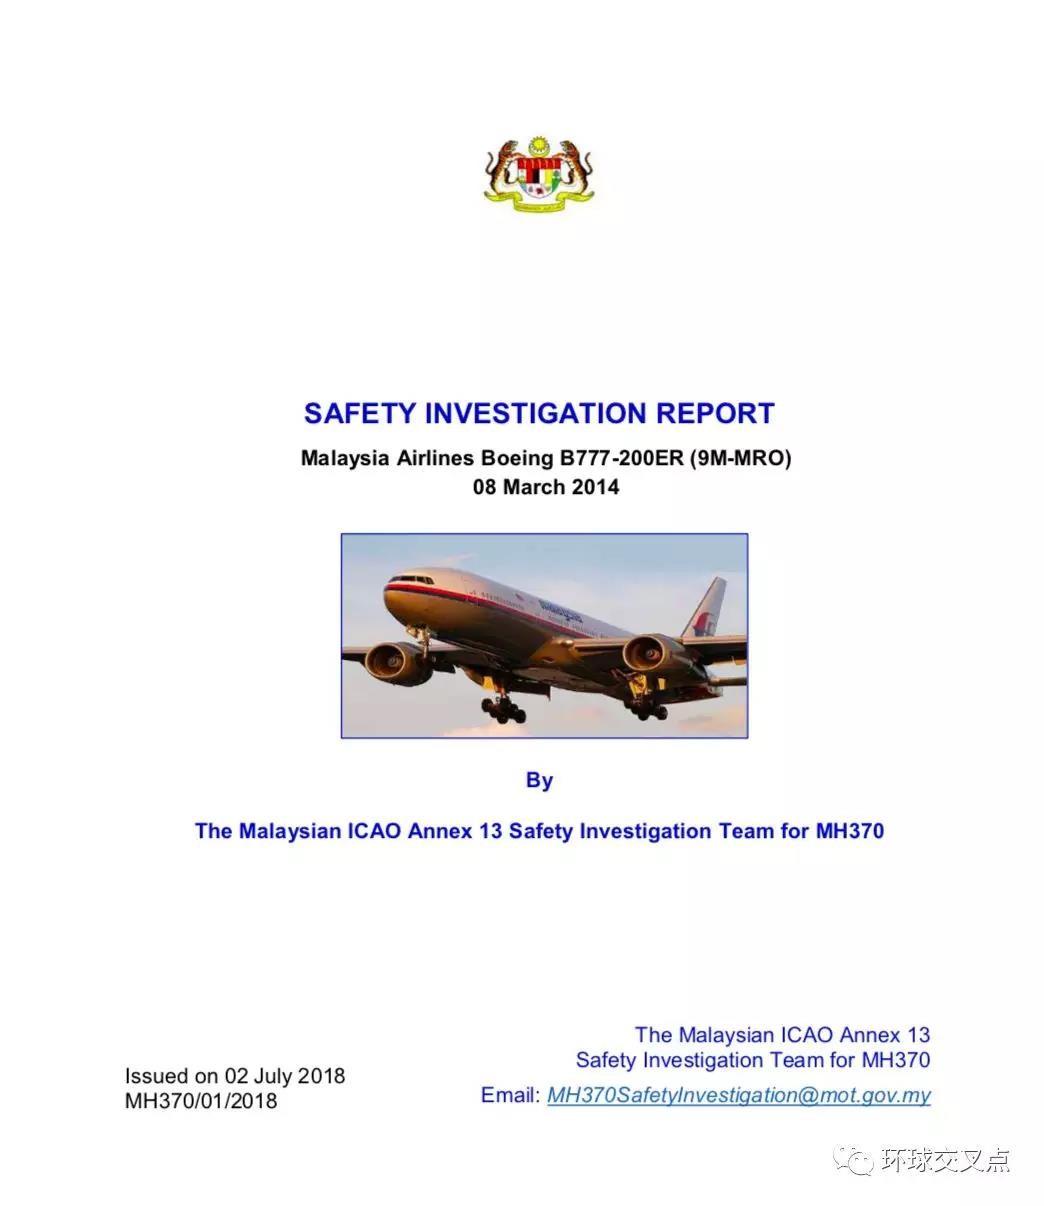 马航MH370安全调查报告发布会(全文)_图1-2